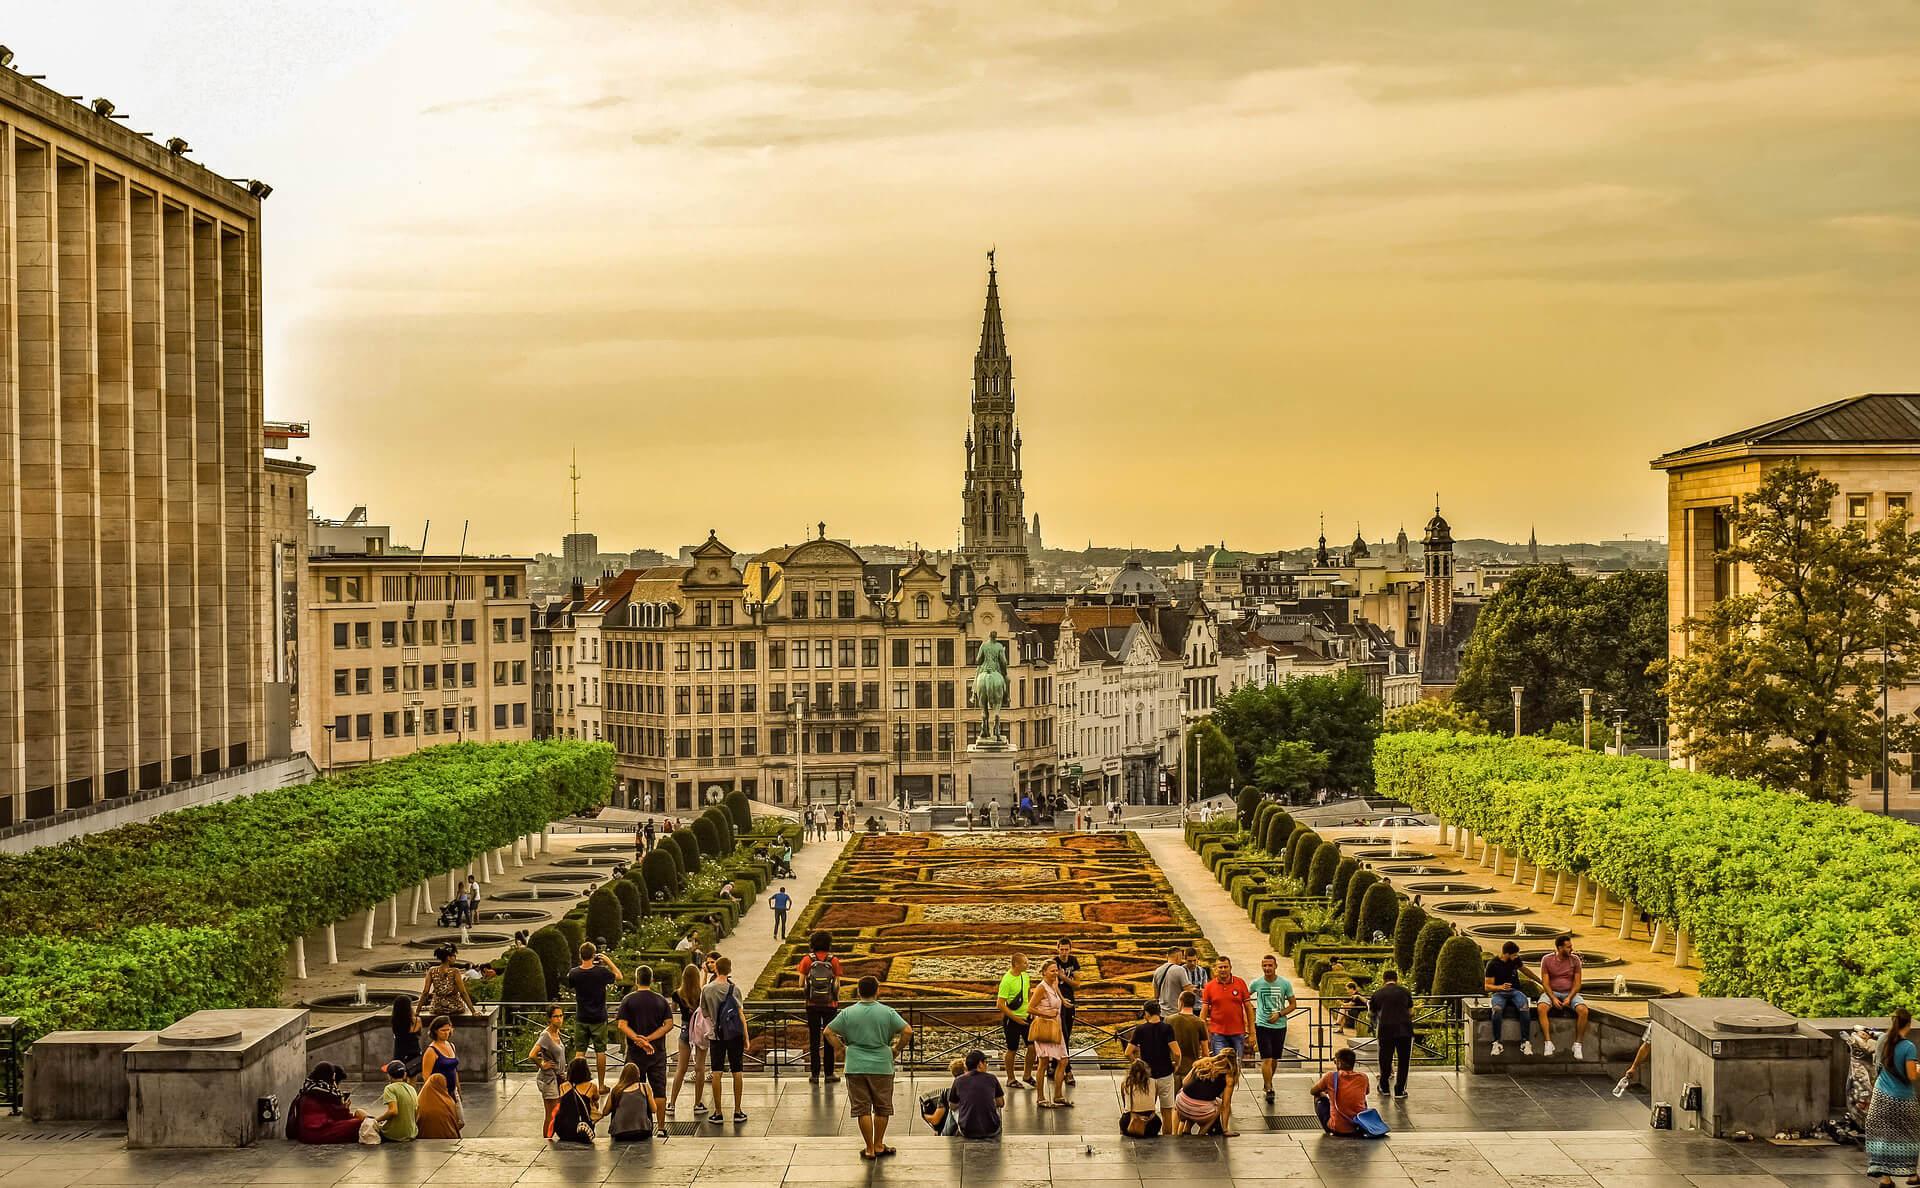 Stadszicht van Brussel